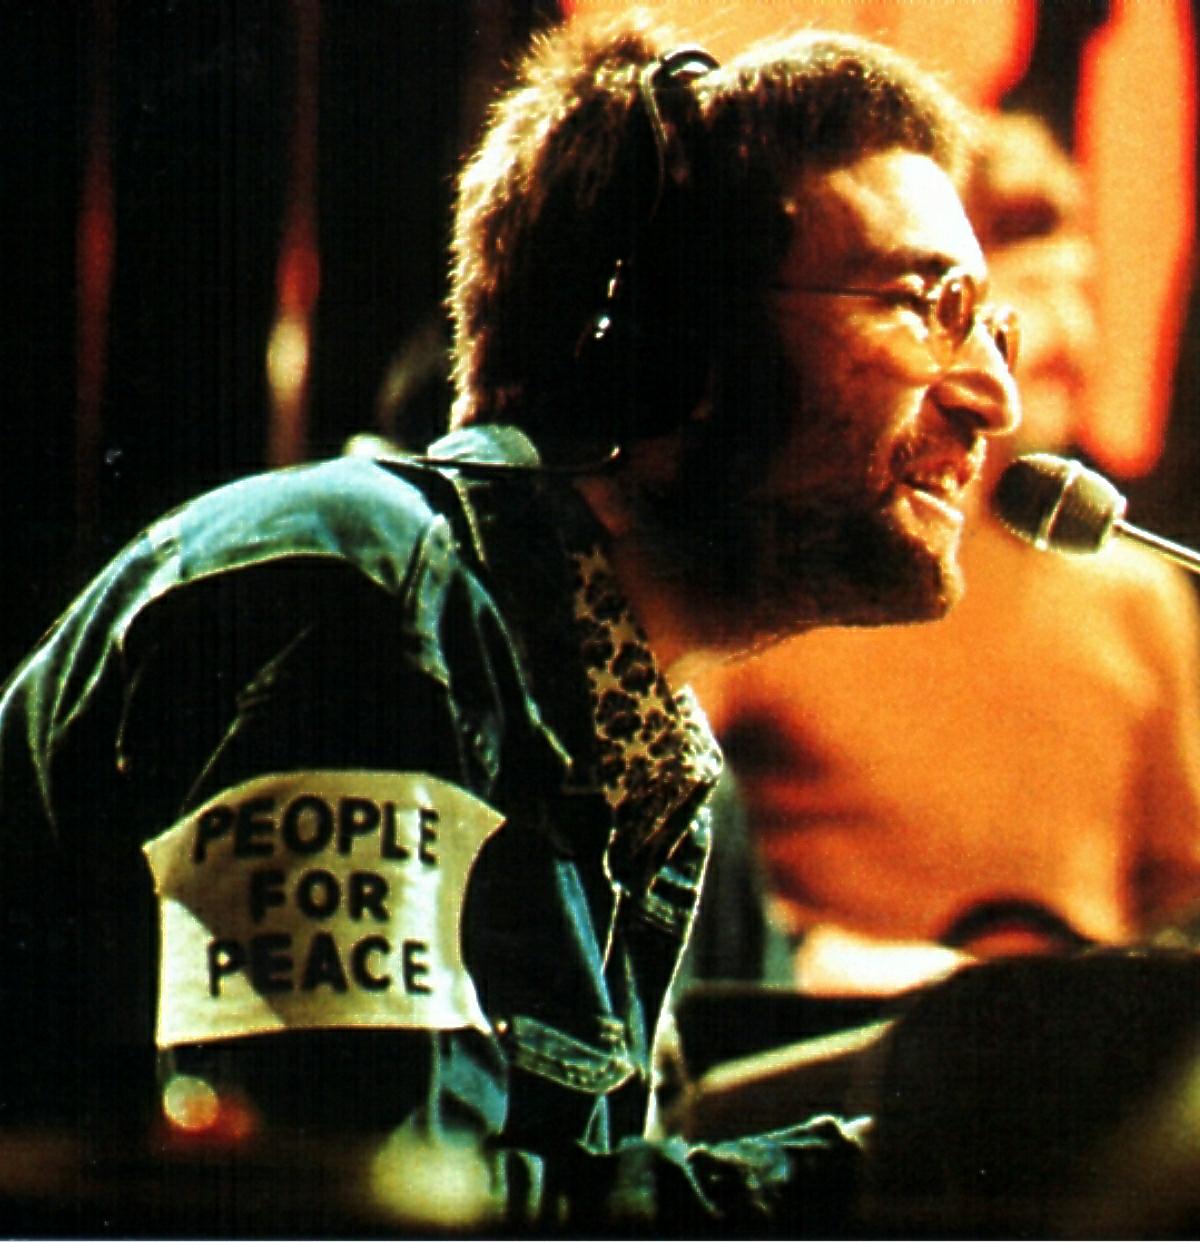 John Lennon Lyrics Quotes Refers to The John Lennon